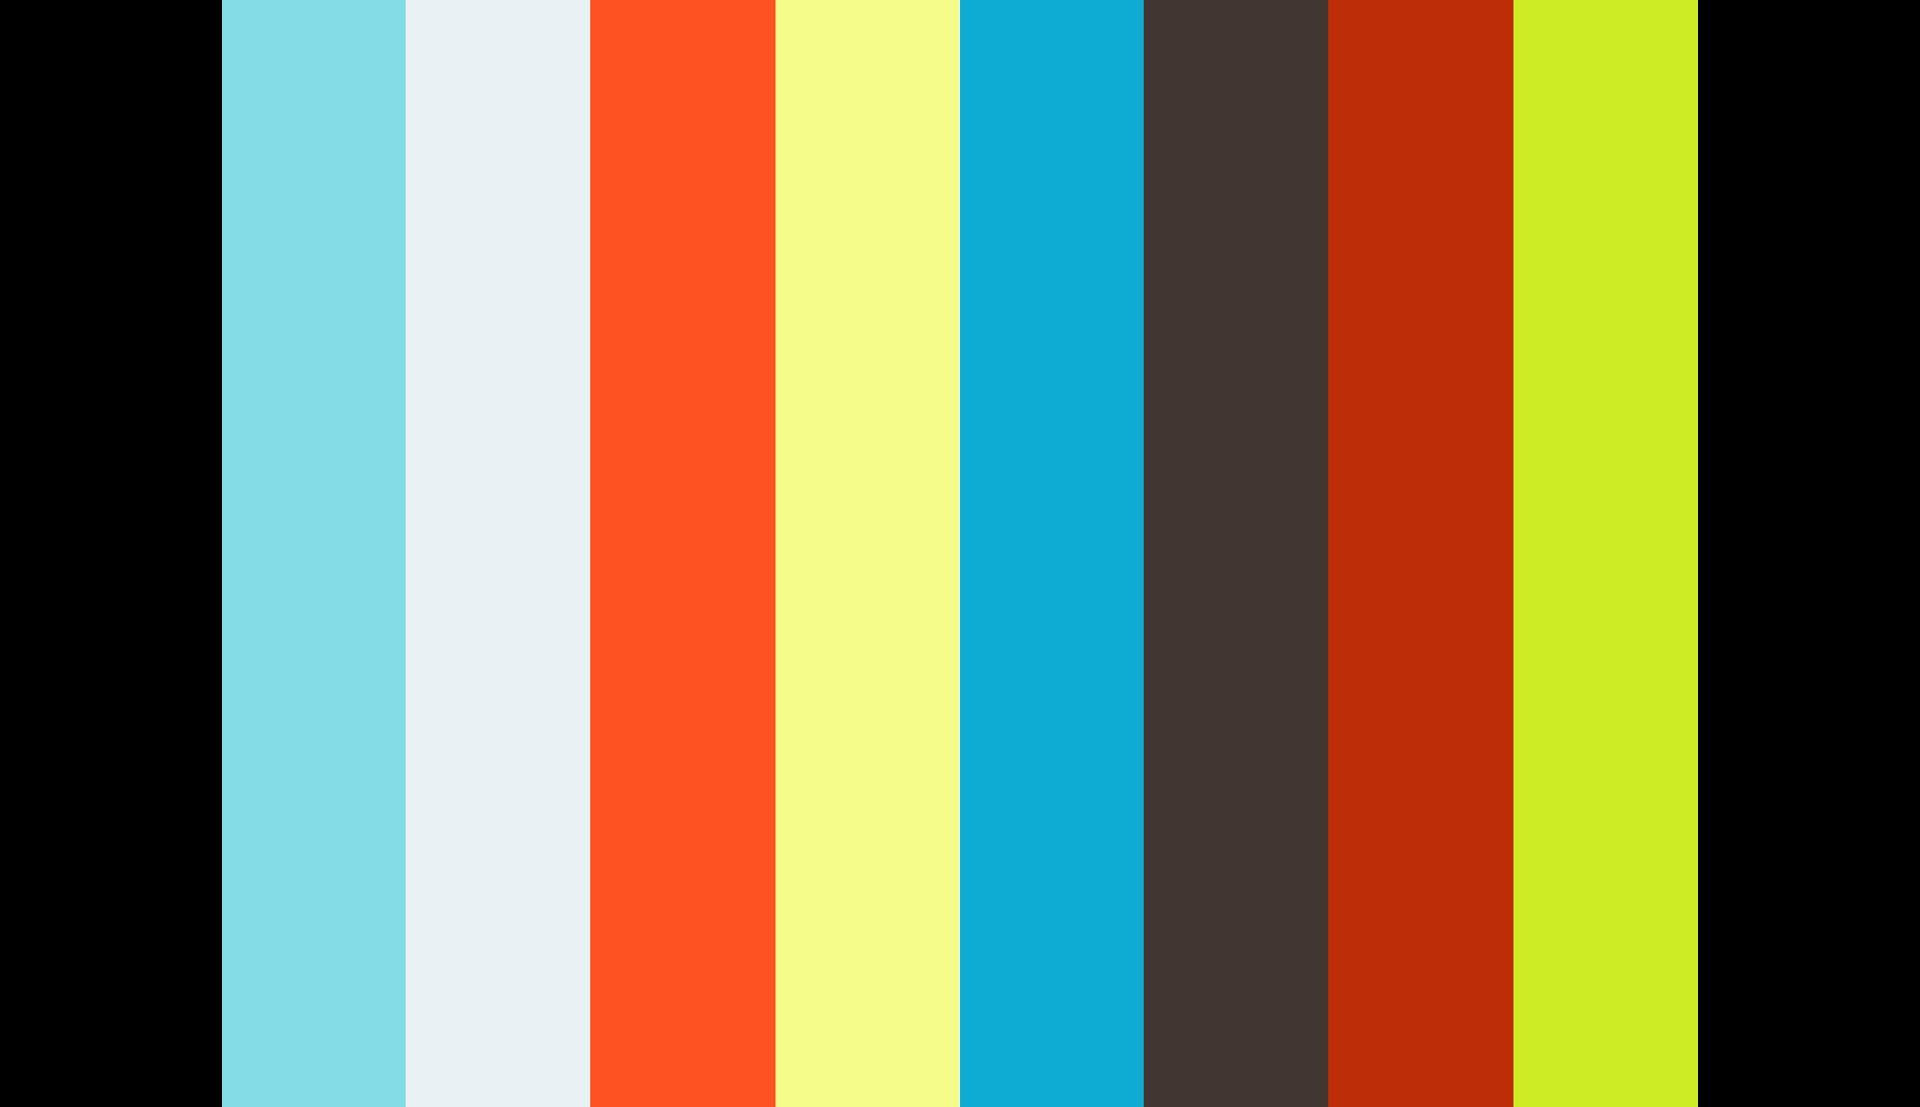 2021_06_30 - Spades - Preflop ICM